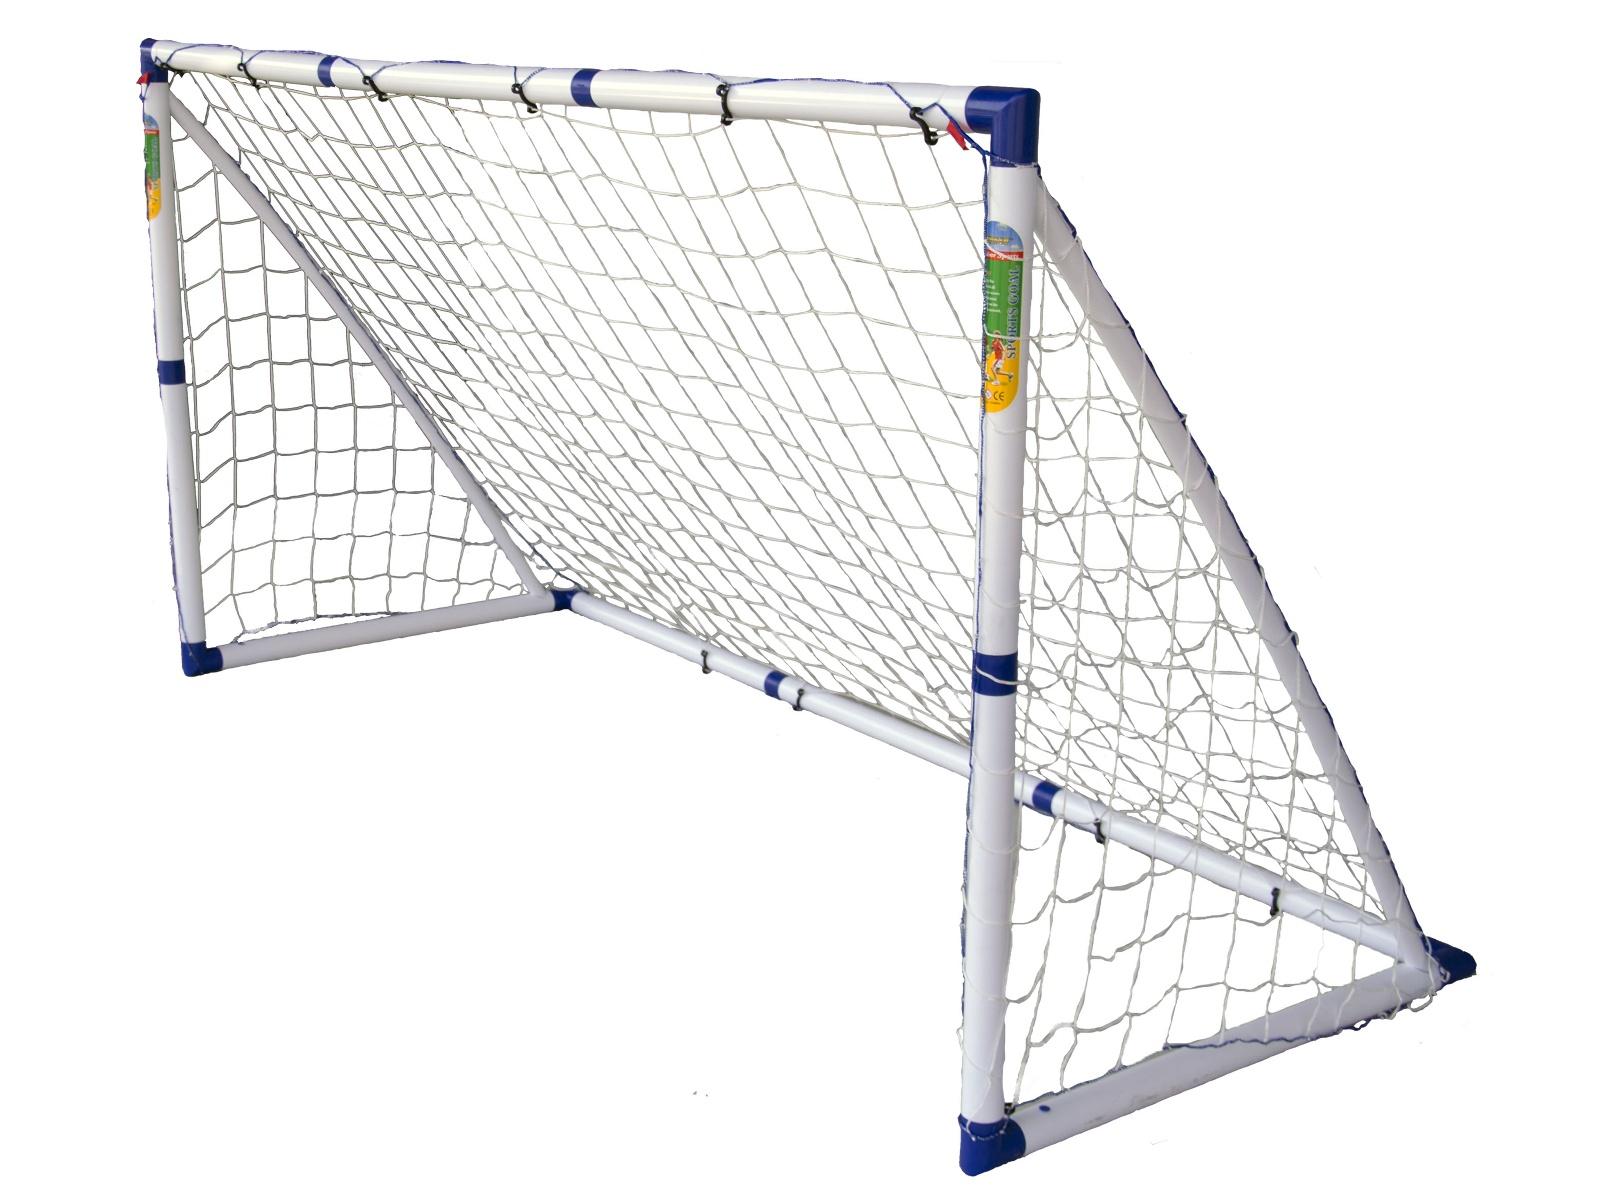 Fotbalová branka SPARTAN 1152 - 244 x 110 x 130 cm